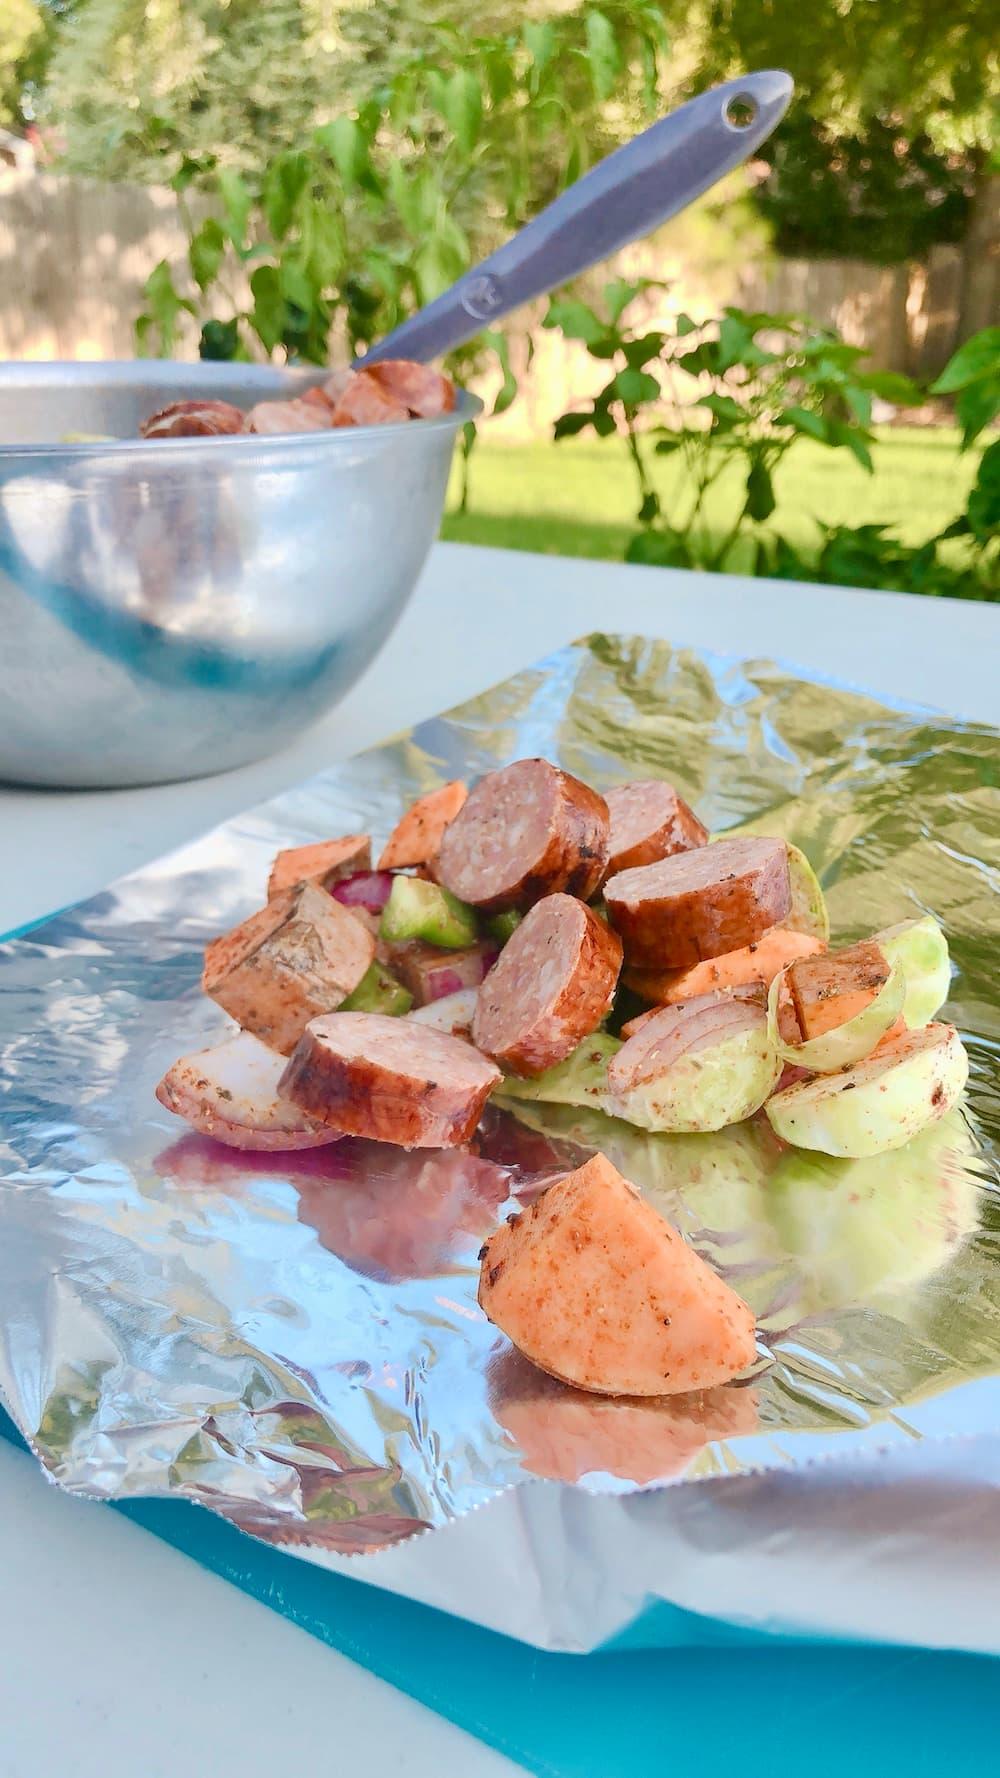 sausage and vegetables on foil sheet